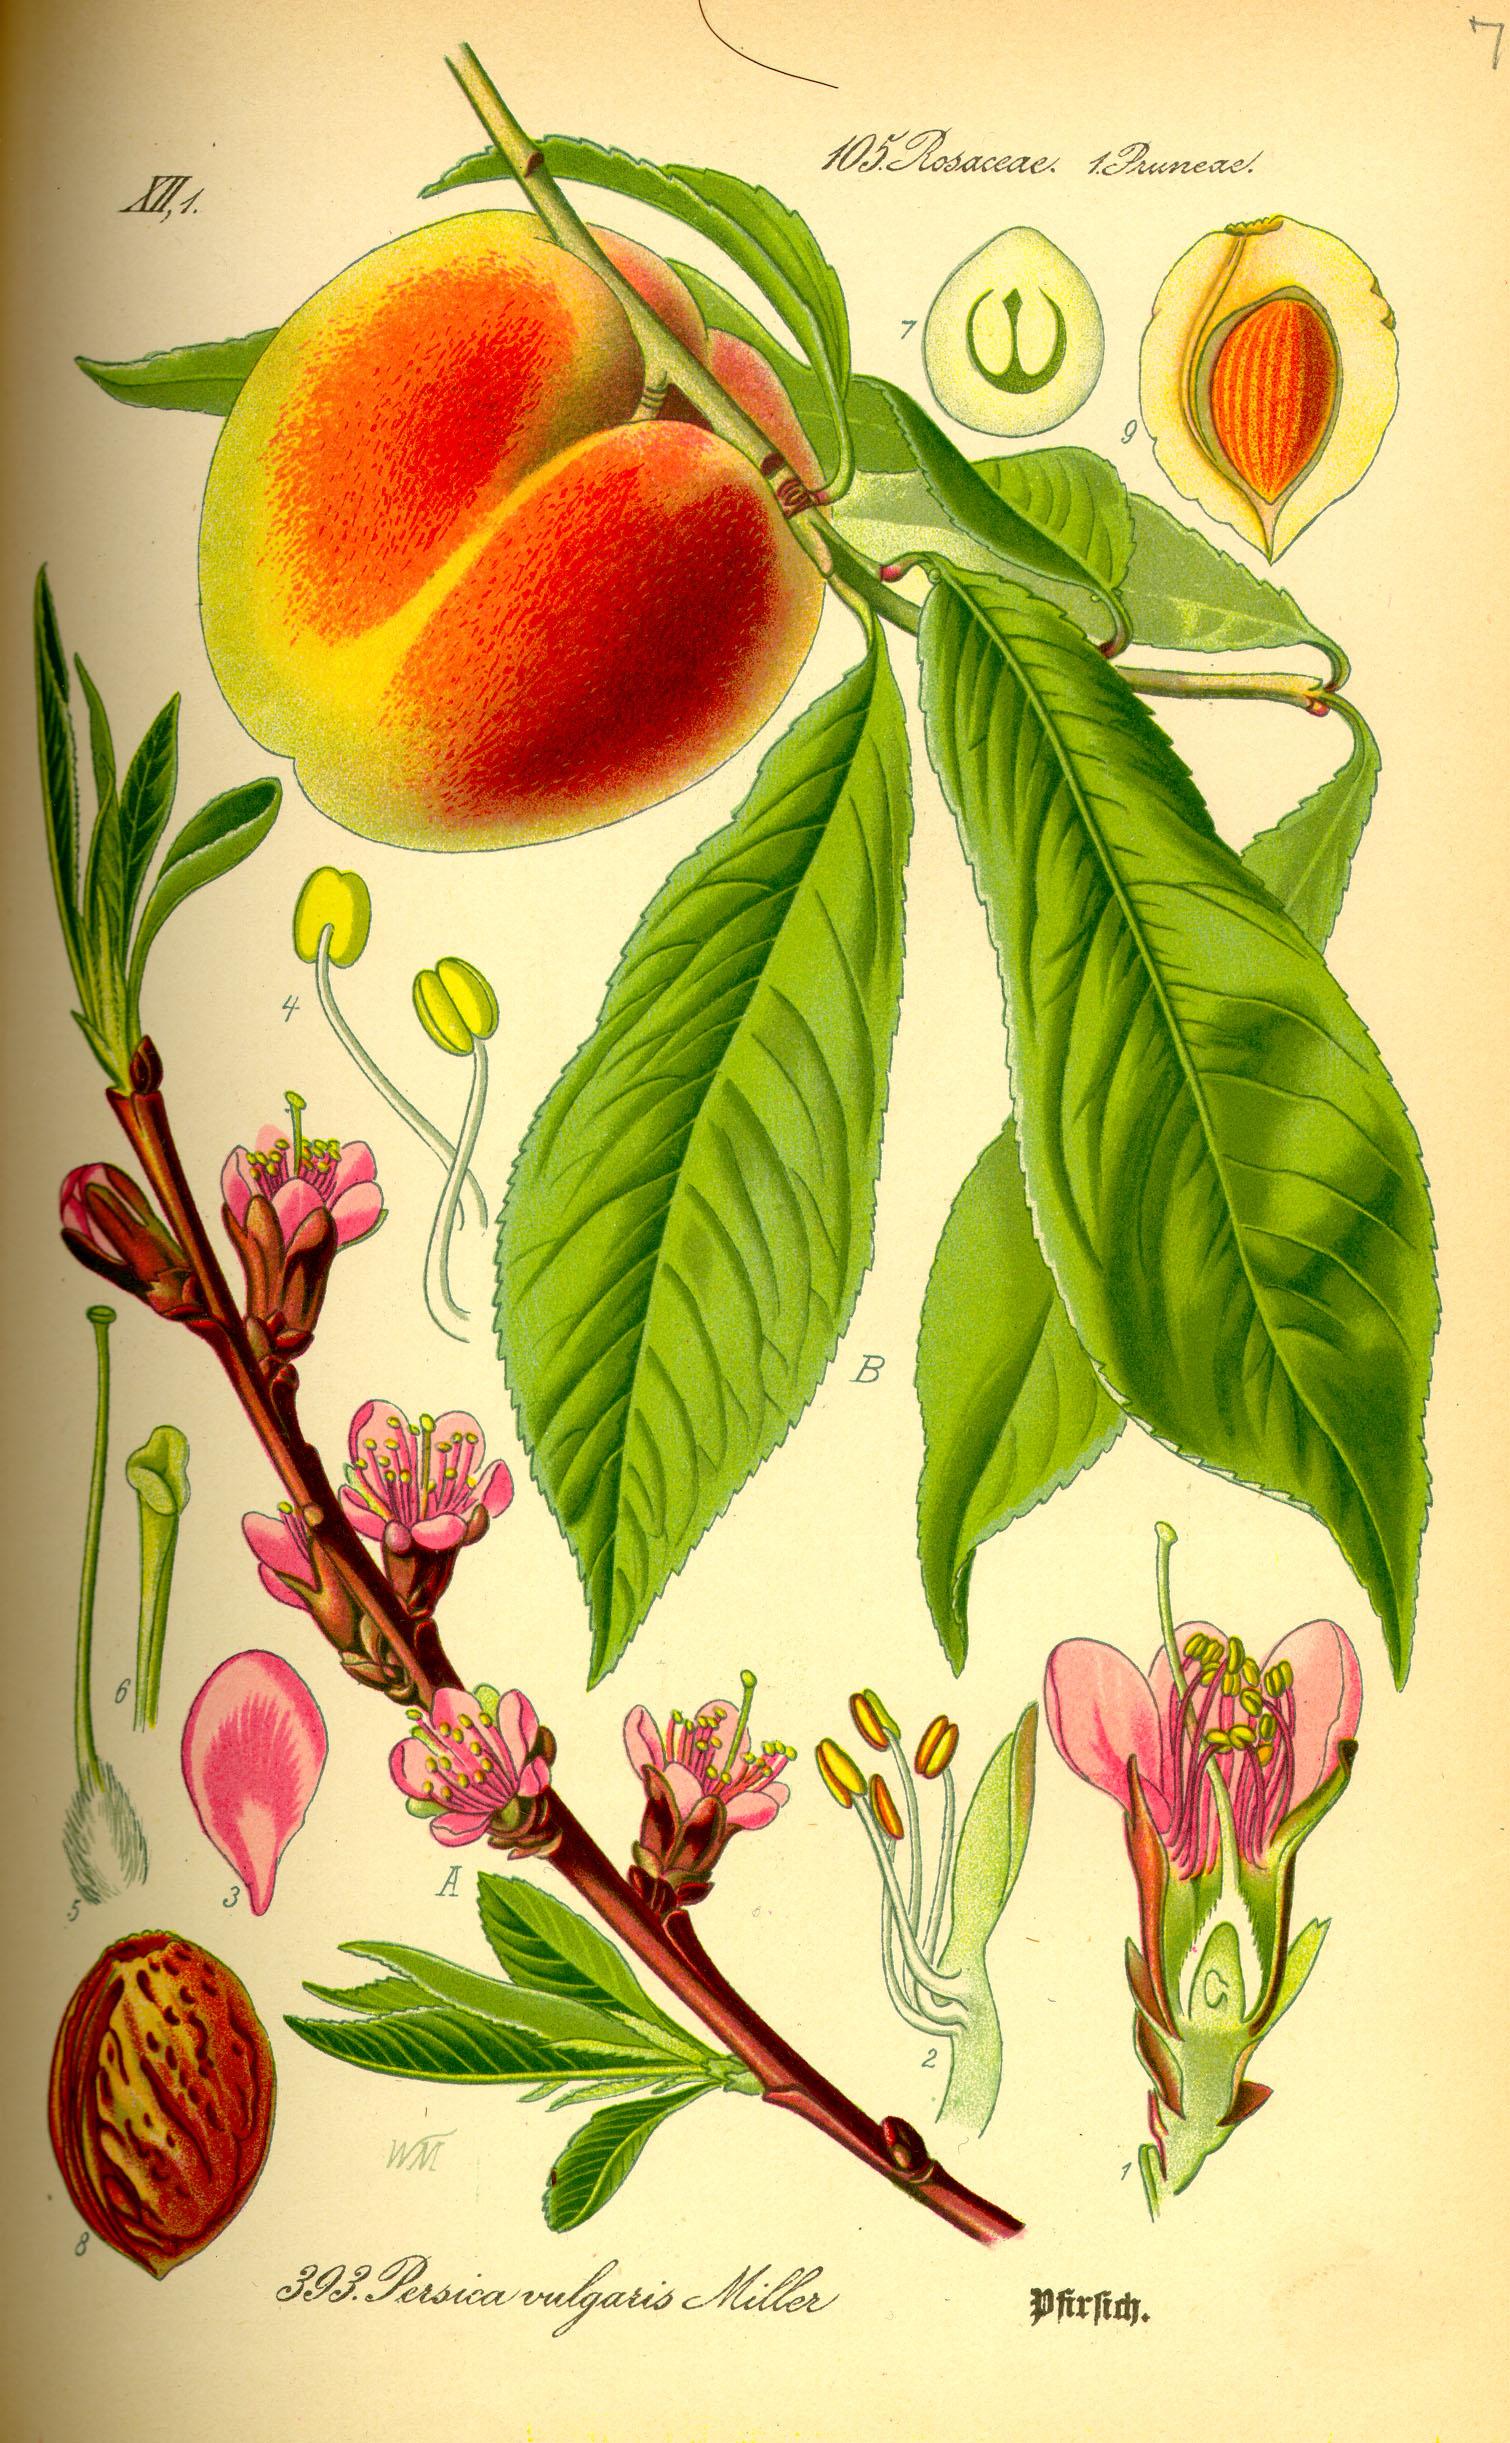 Prunus persica  - The Persian Plum. From Prof. Dr. Otto Wilhelm Thomé,  Flora von Deutschland, Österreich und der Schweiz  1885, Gera, Germany. Distributed under  CC 4.0  license, via  Wikimedia Commons .